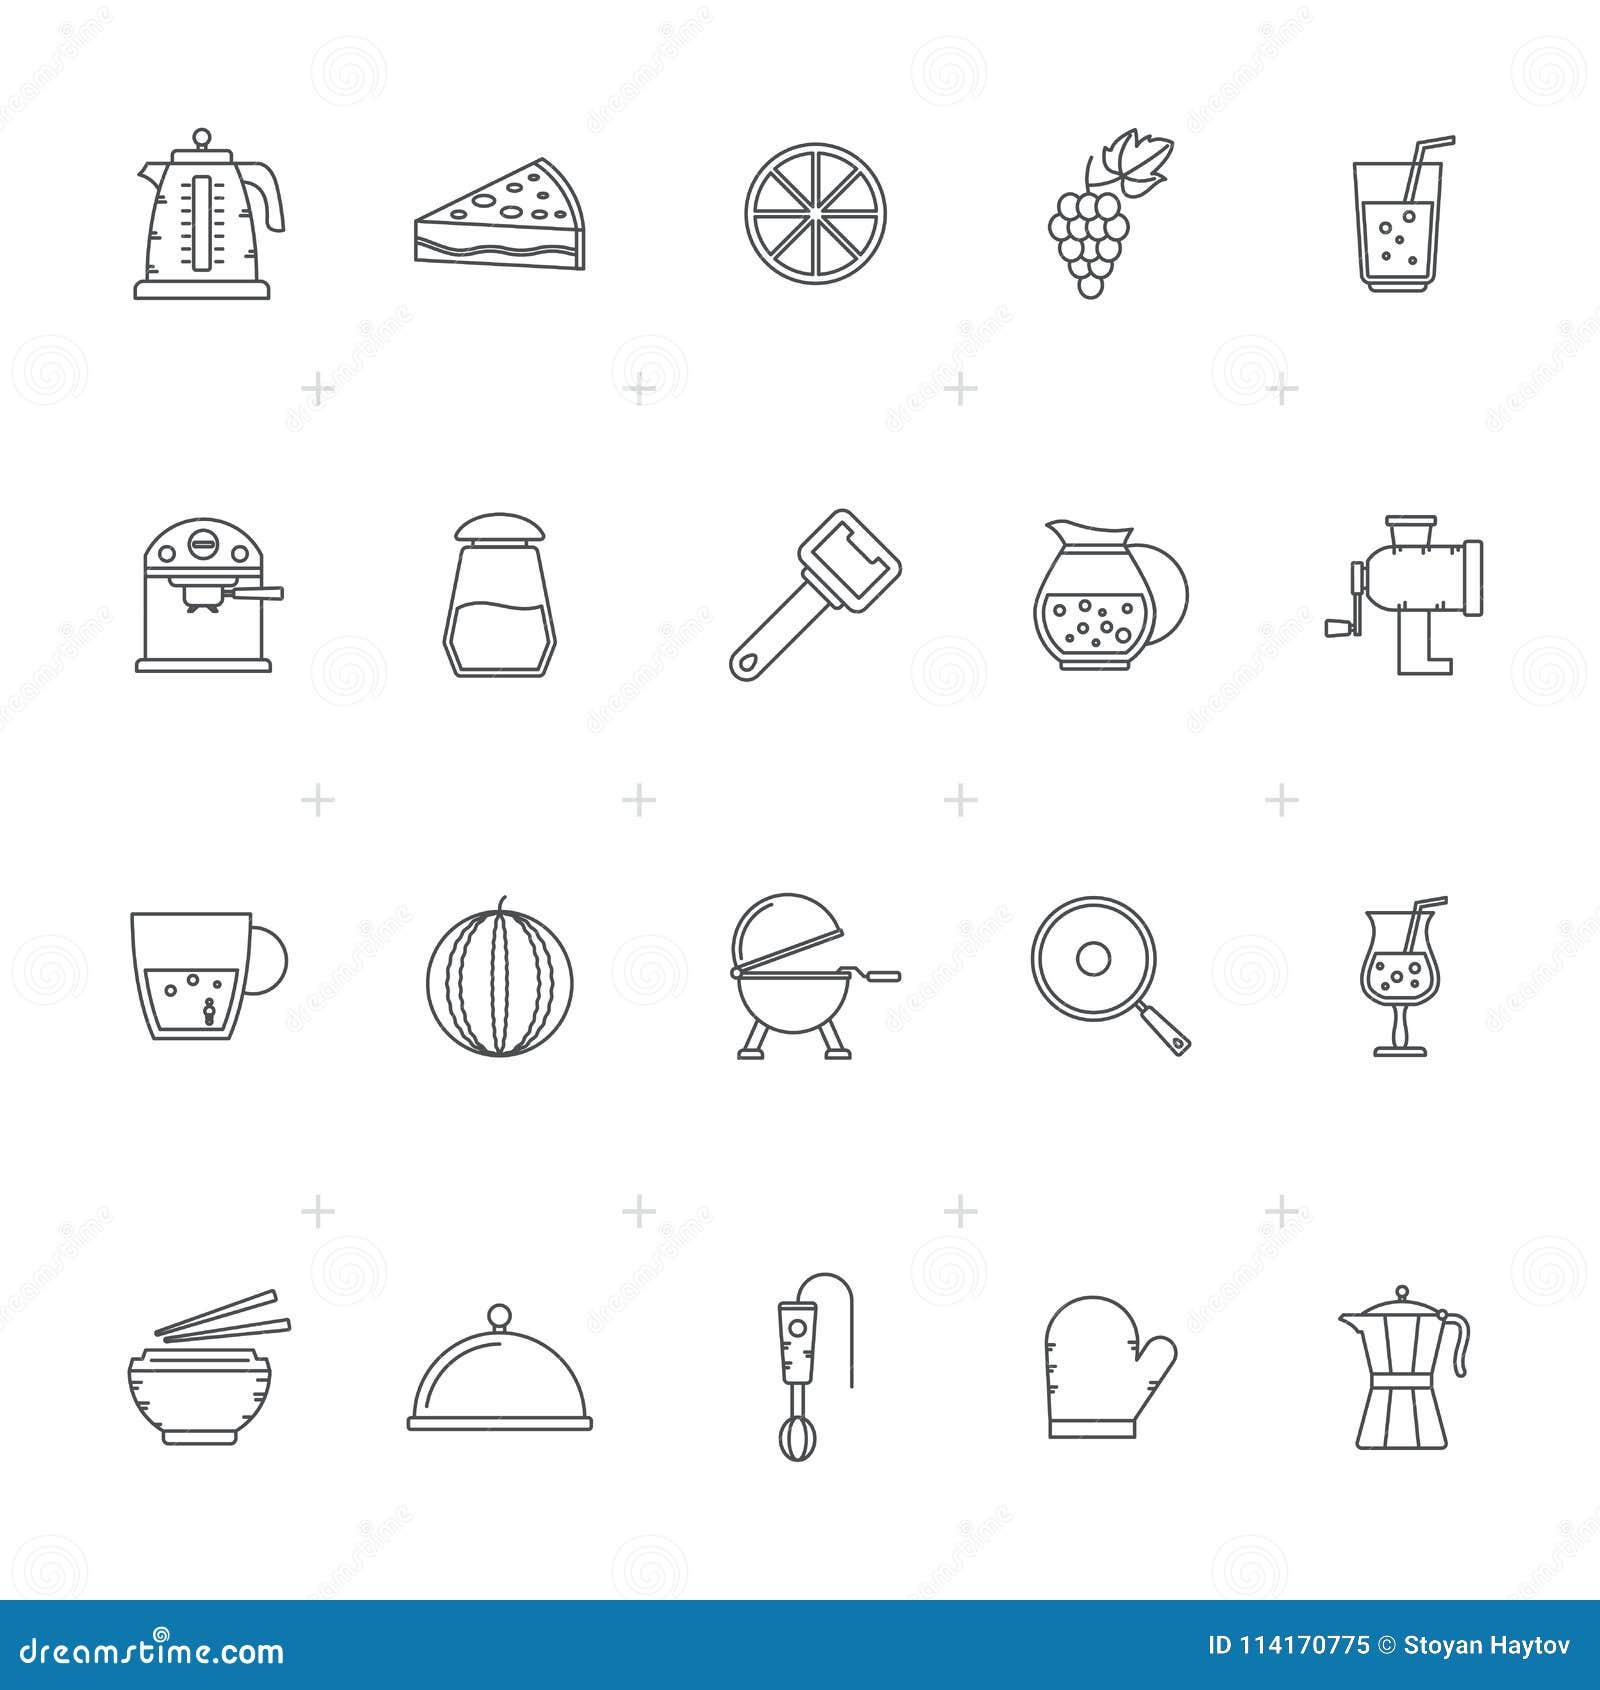 Zeichnen Sie Lebensmittel Getrank Und Kuchenausrustungsikonen 1 Vektor Abbildung Illustration Von Kuchenausrustungsikonen Lebensmittel 114170775